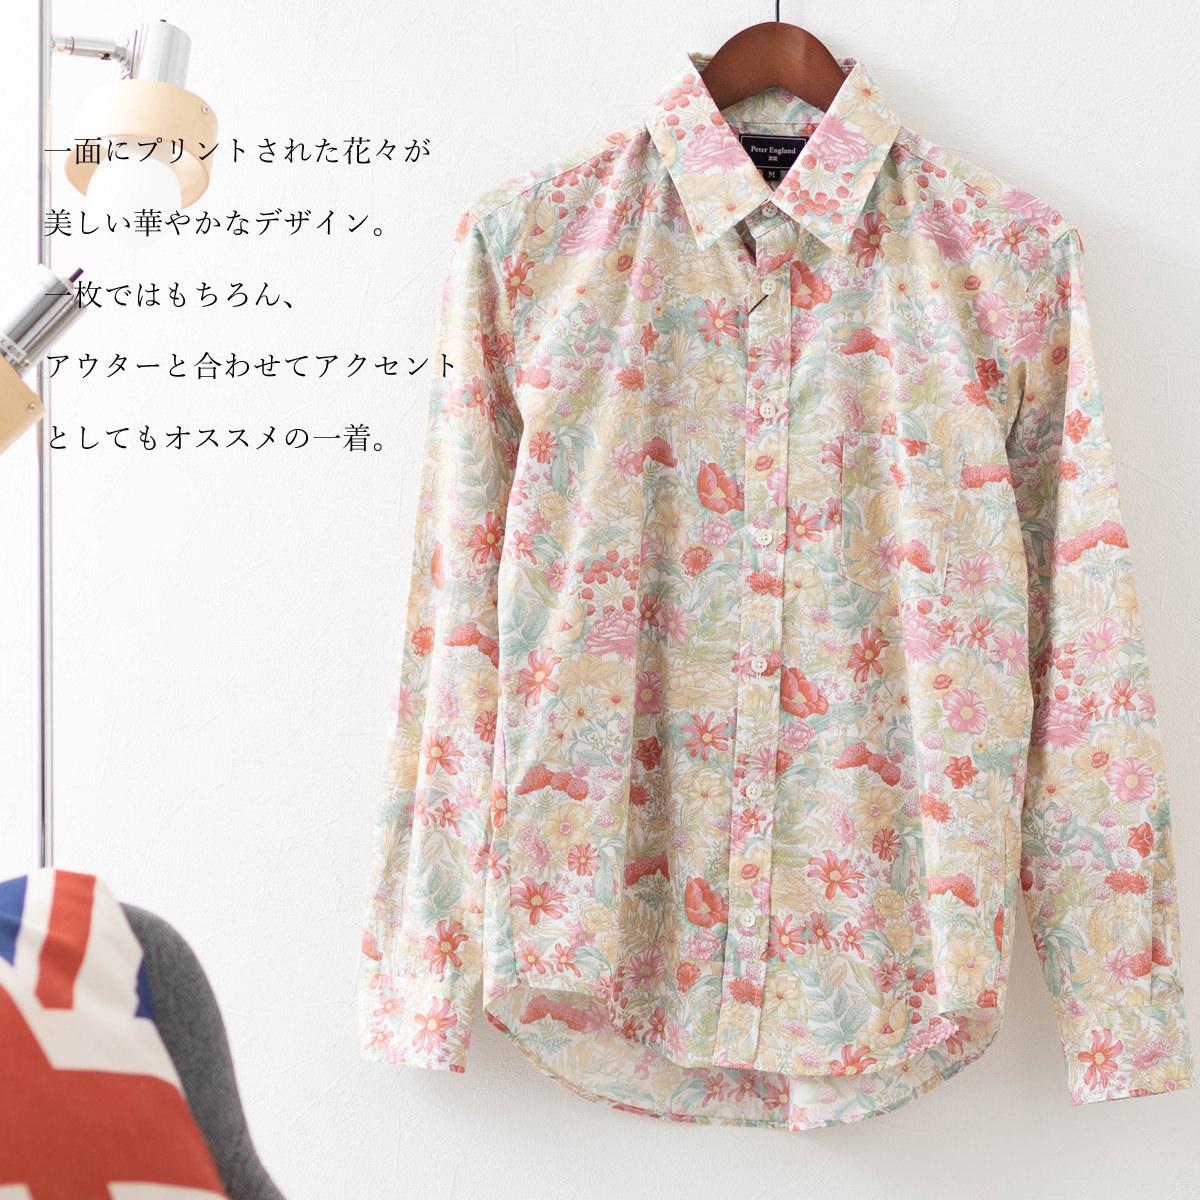 英国老舗ブランド 日本縫製 メンズ 長袖シャツ フラワープリント イエロー マルチ UKデザイン プレミアムコットン カジュアル ピーターイングランド